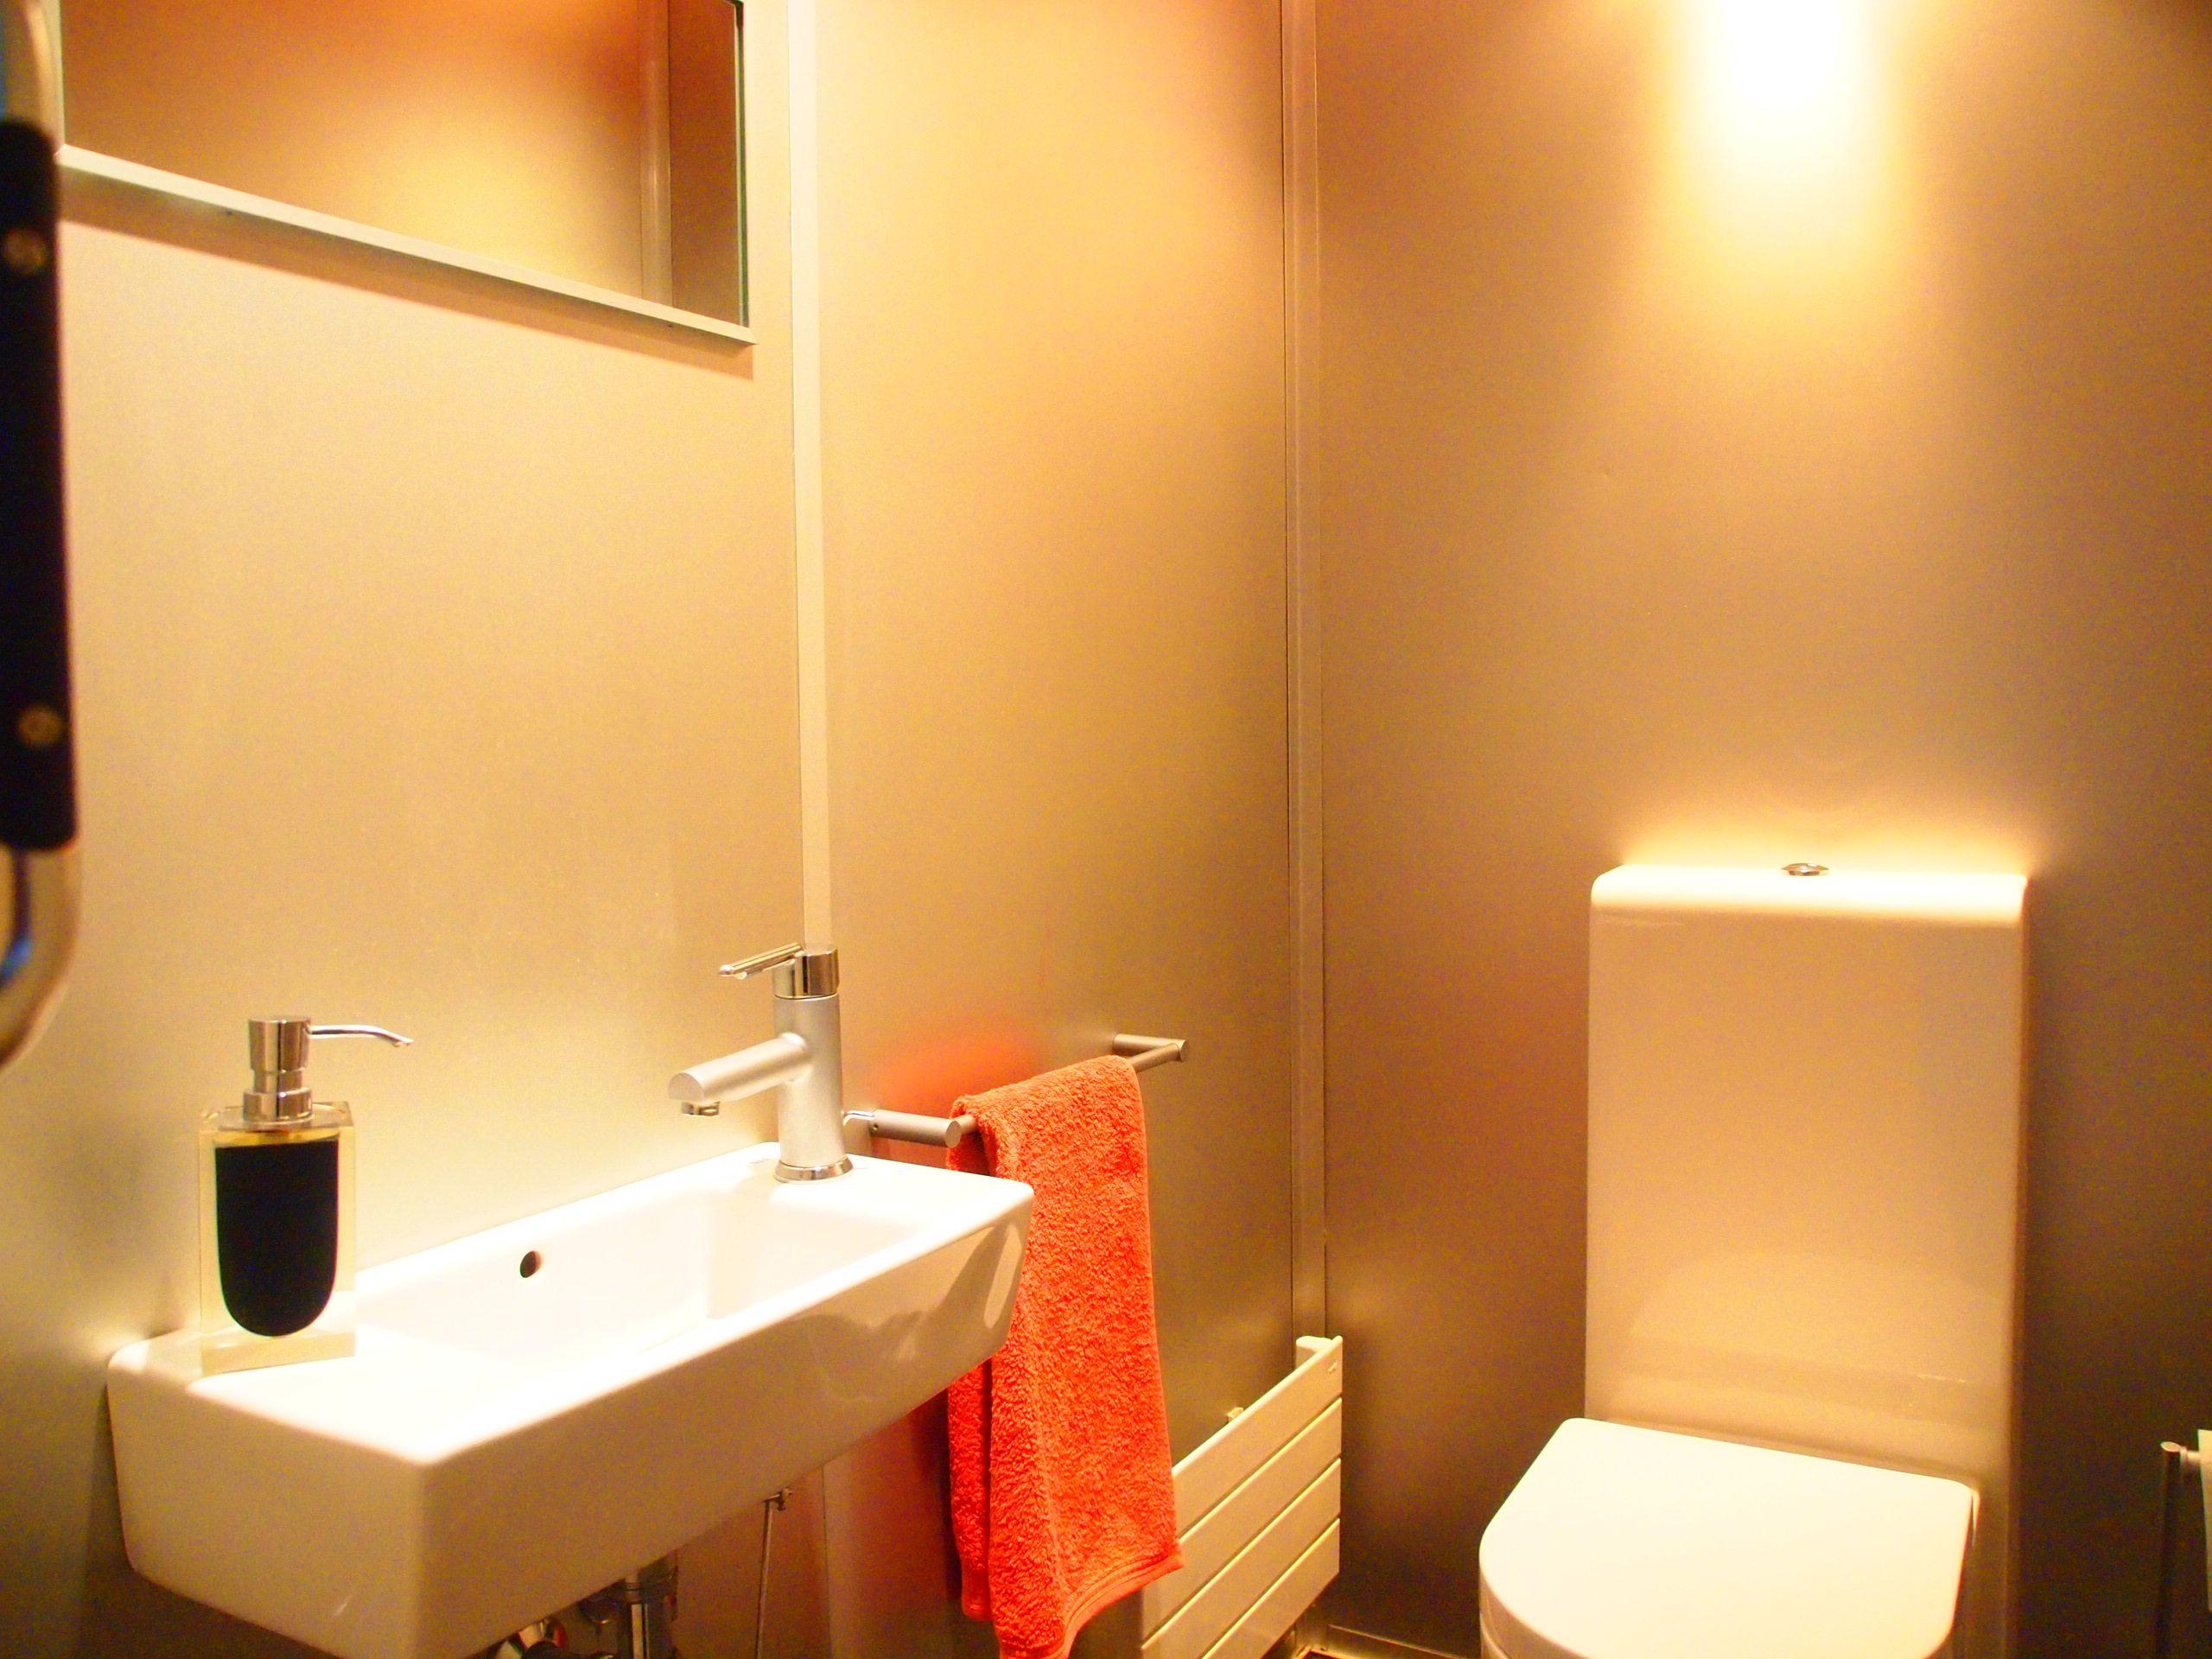 Dormitorio principal (11,4 m2), con vestidor independiente (7 m2) y baño incorporado (5,3 m2, con ducha y exterior). Duplex Venta, Ondarreta, Donostia. Inmobiliaria Araxes - 943 211 022 - 696 497 566. Ref: D31608 www.araxes.es social@araxes.es